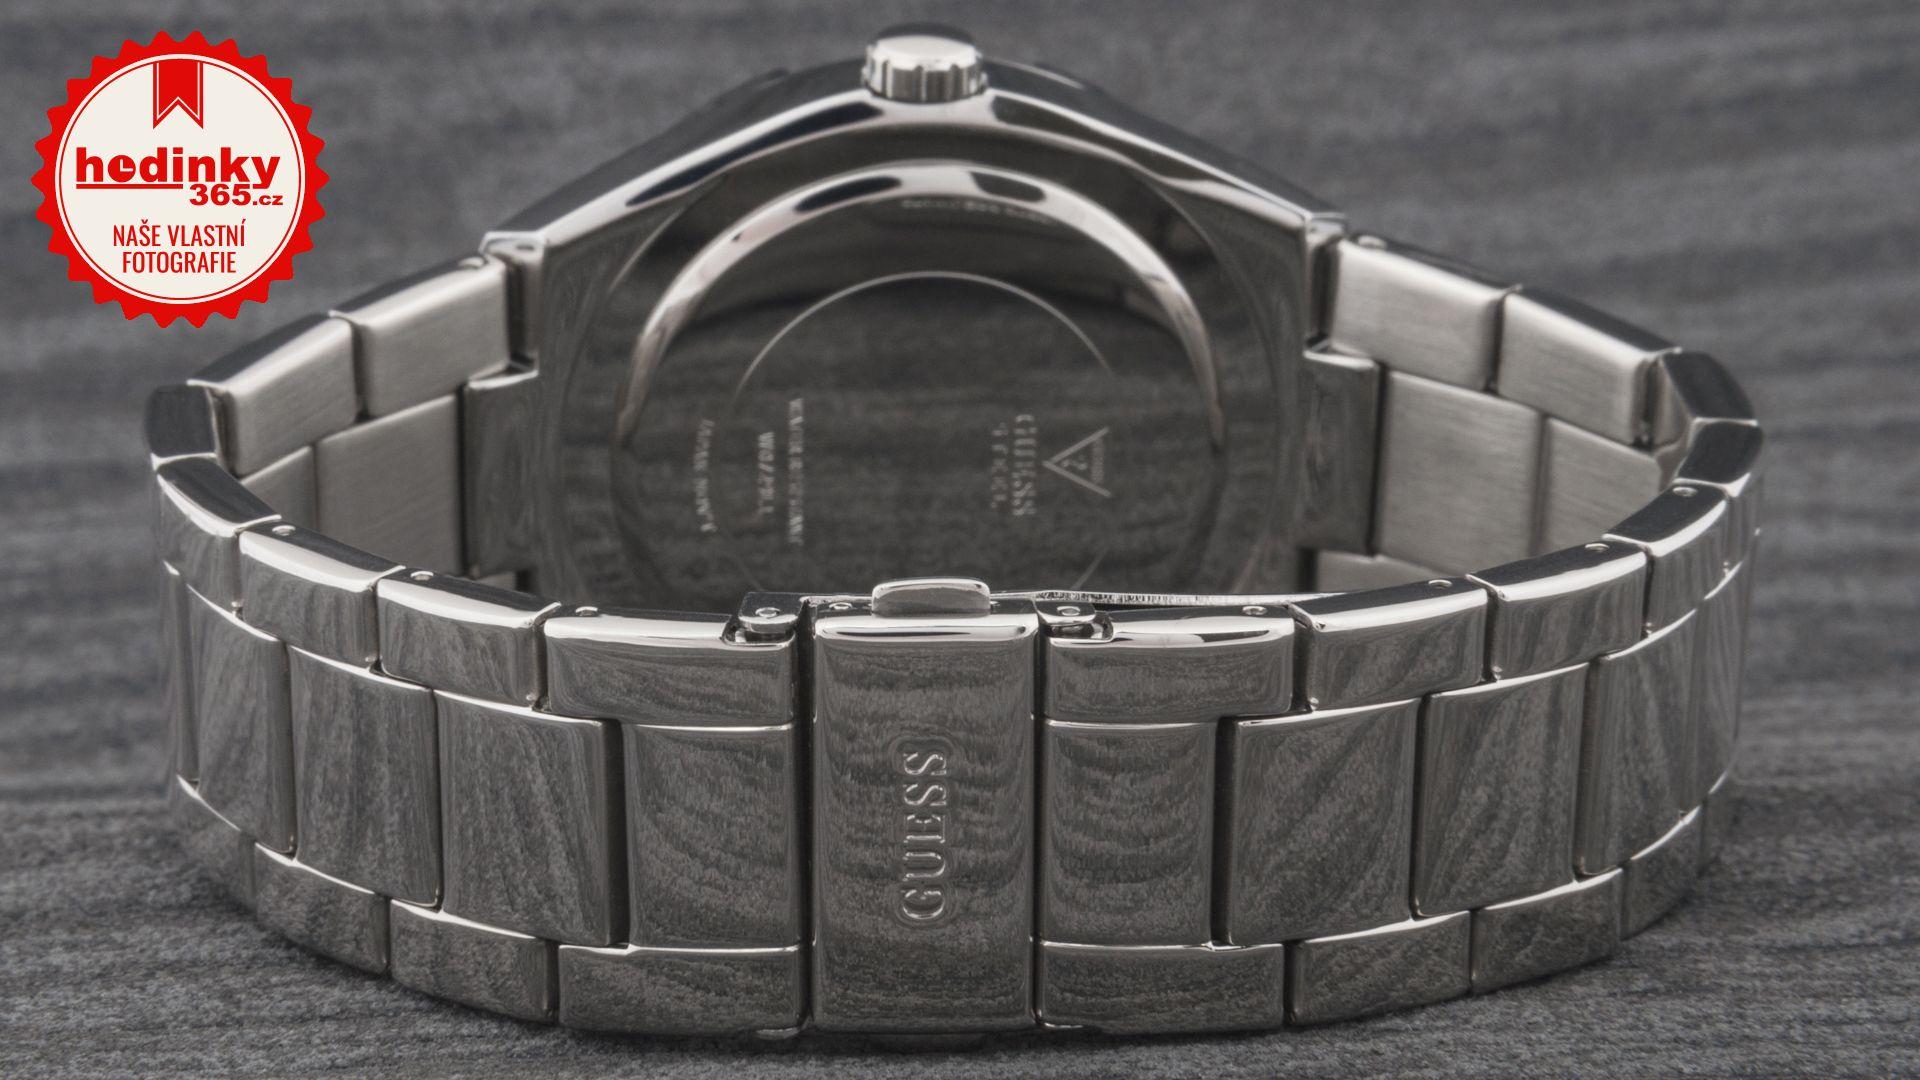 044f5cd41 Dámske hodinky - ocelový remienok, ocel puzdro, minerálne sklíčko. Všetky  technické parametre nájdete nižšie